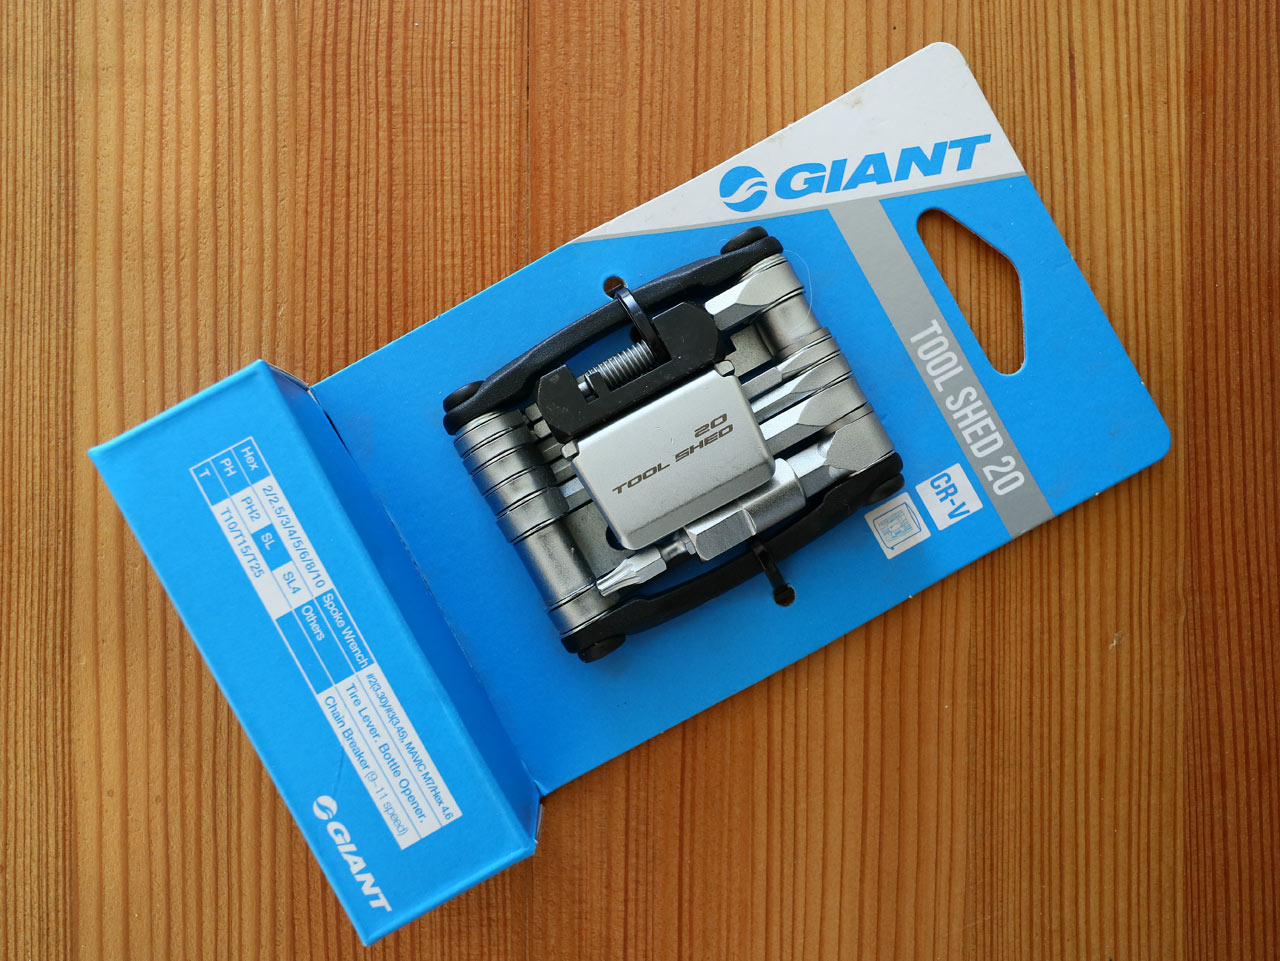 Přehled multiklíčů Giant